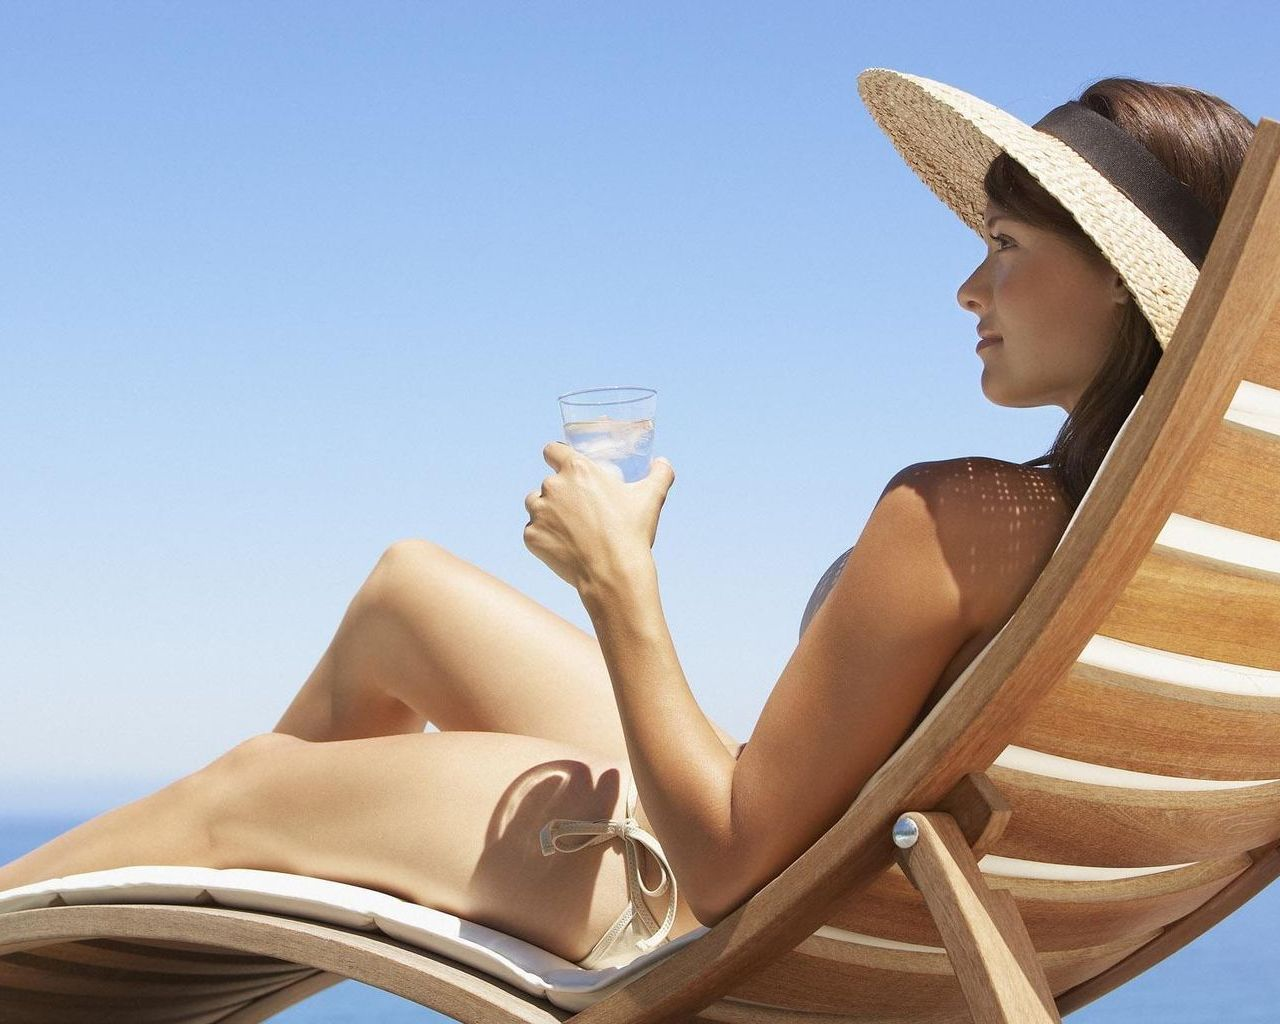 Какой отдых выбрать представительнице прекрасного пола и в какой одежде лучше появиться на пляже картинки